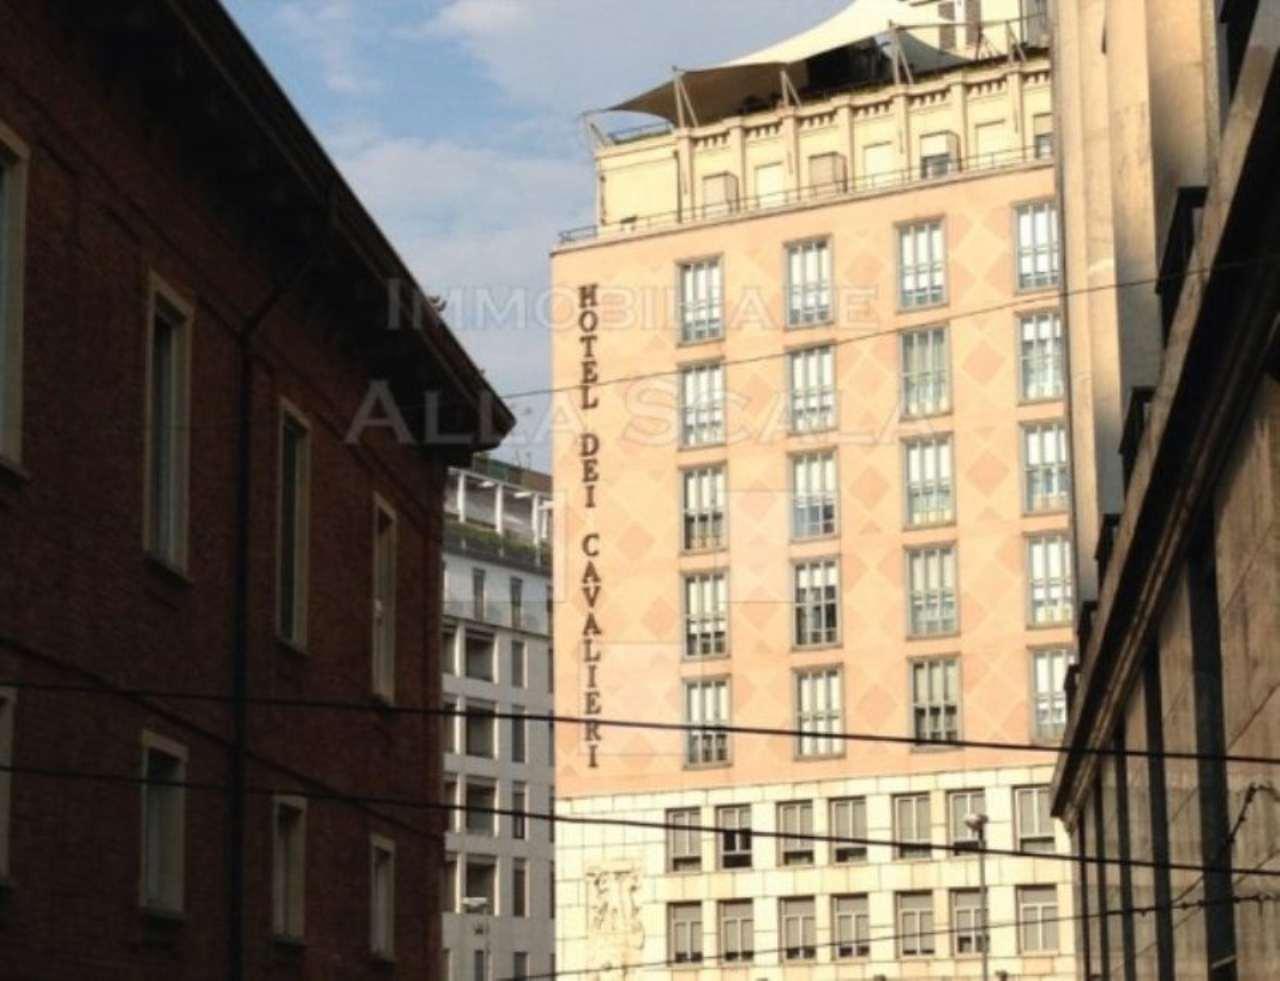 Ufficio / Studio in affitto a Milano, 6 locali, zona Zona: 1 . Centro Storico, Duomo, Brera, Cadorna, Cattolica, prezzo € 13.300 | CambioCasa.it